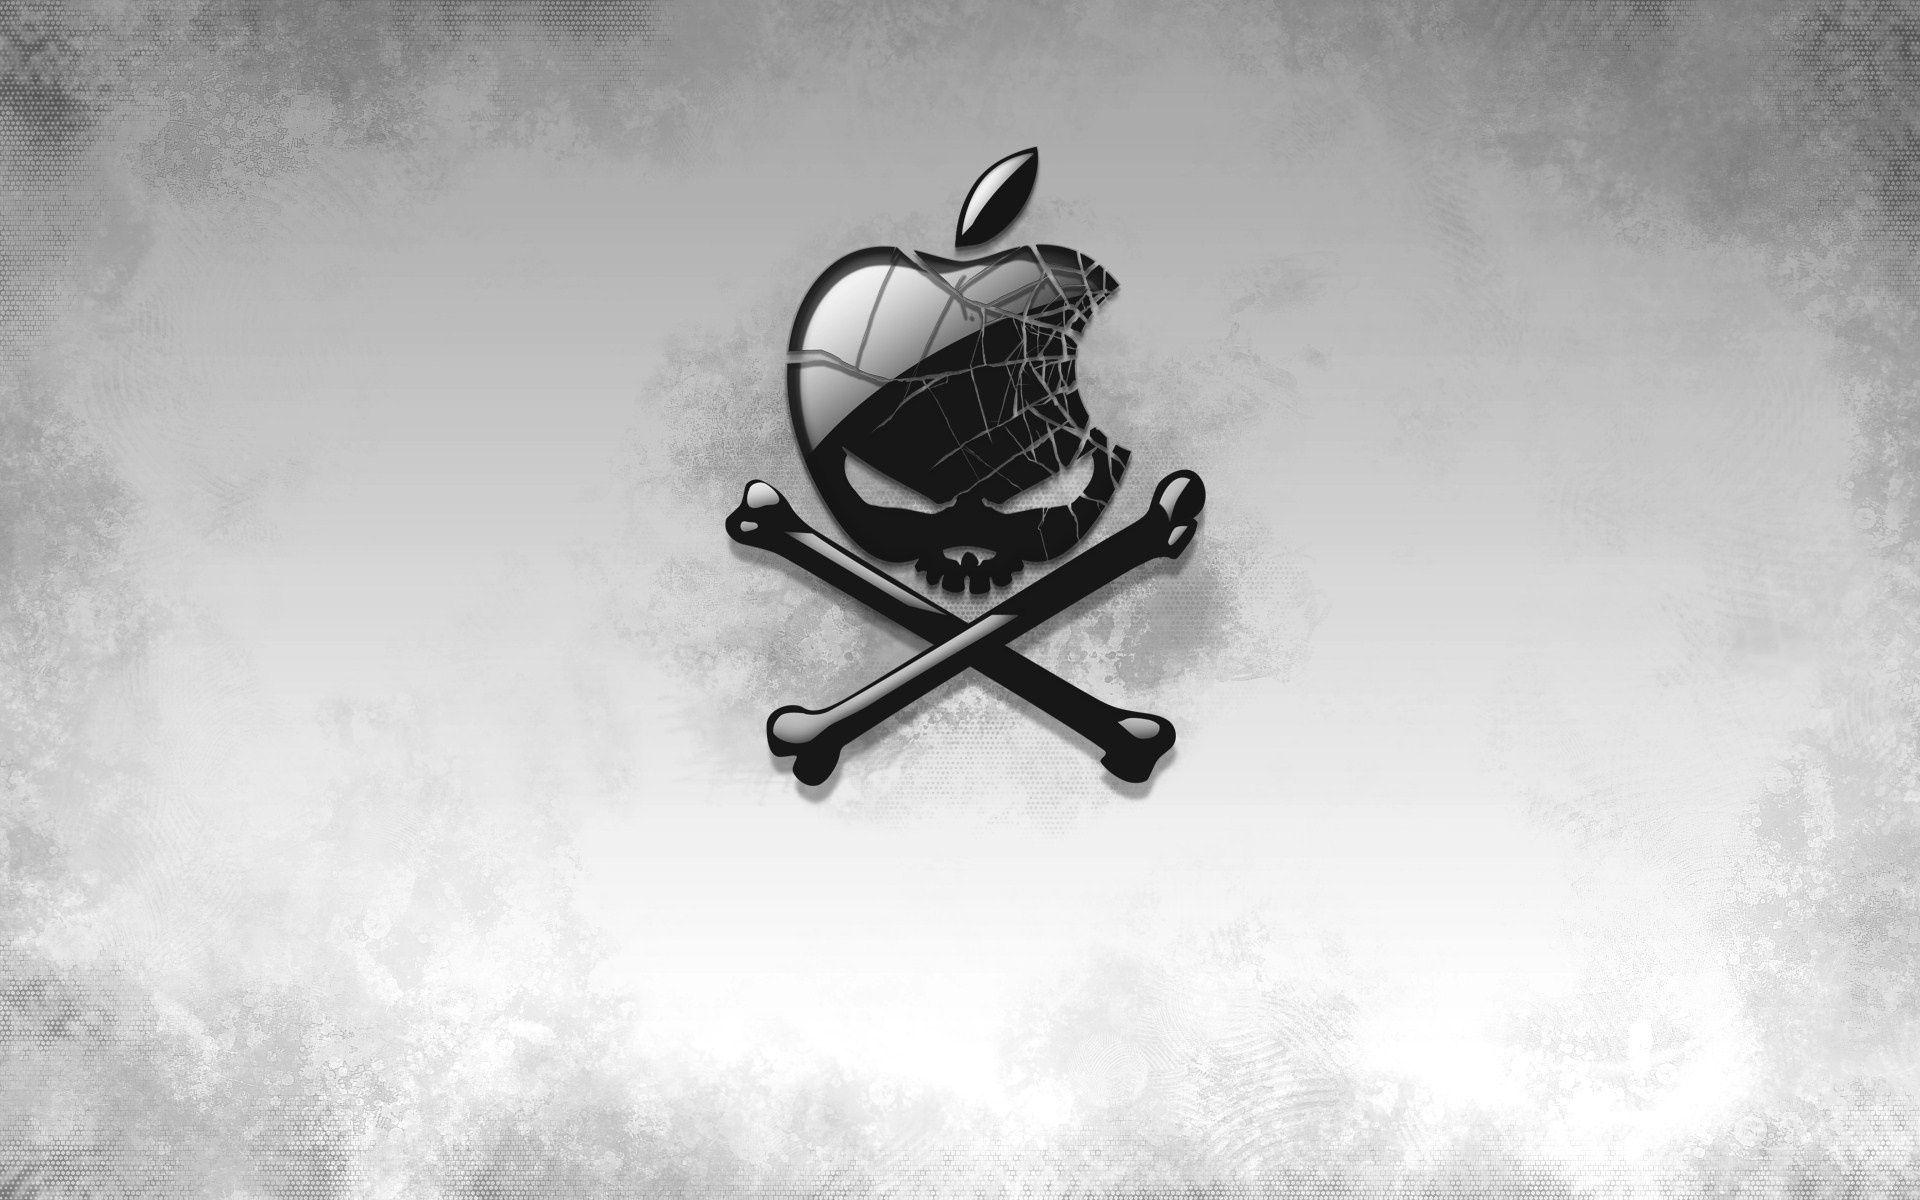 Pirate Mac Os X Fondos De Pantalla Calaveras Fondo De Pantalla De Manzana Fondos De Pantalla Hd